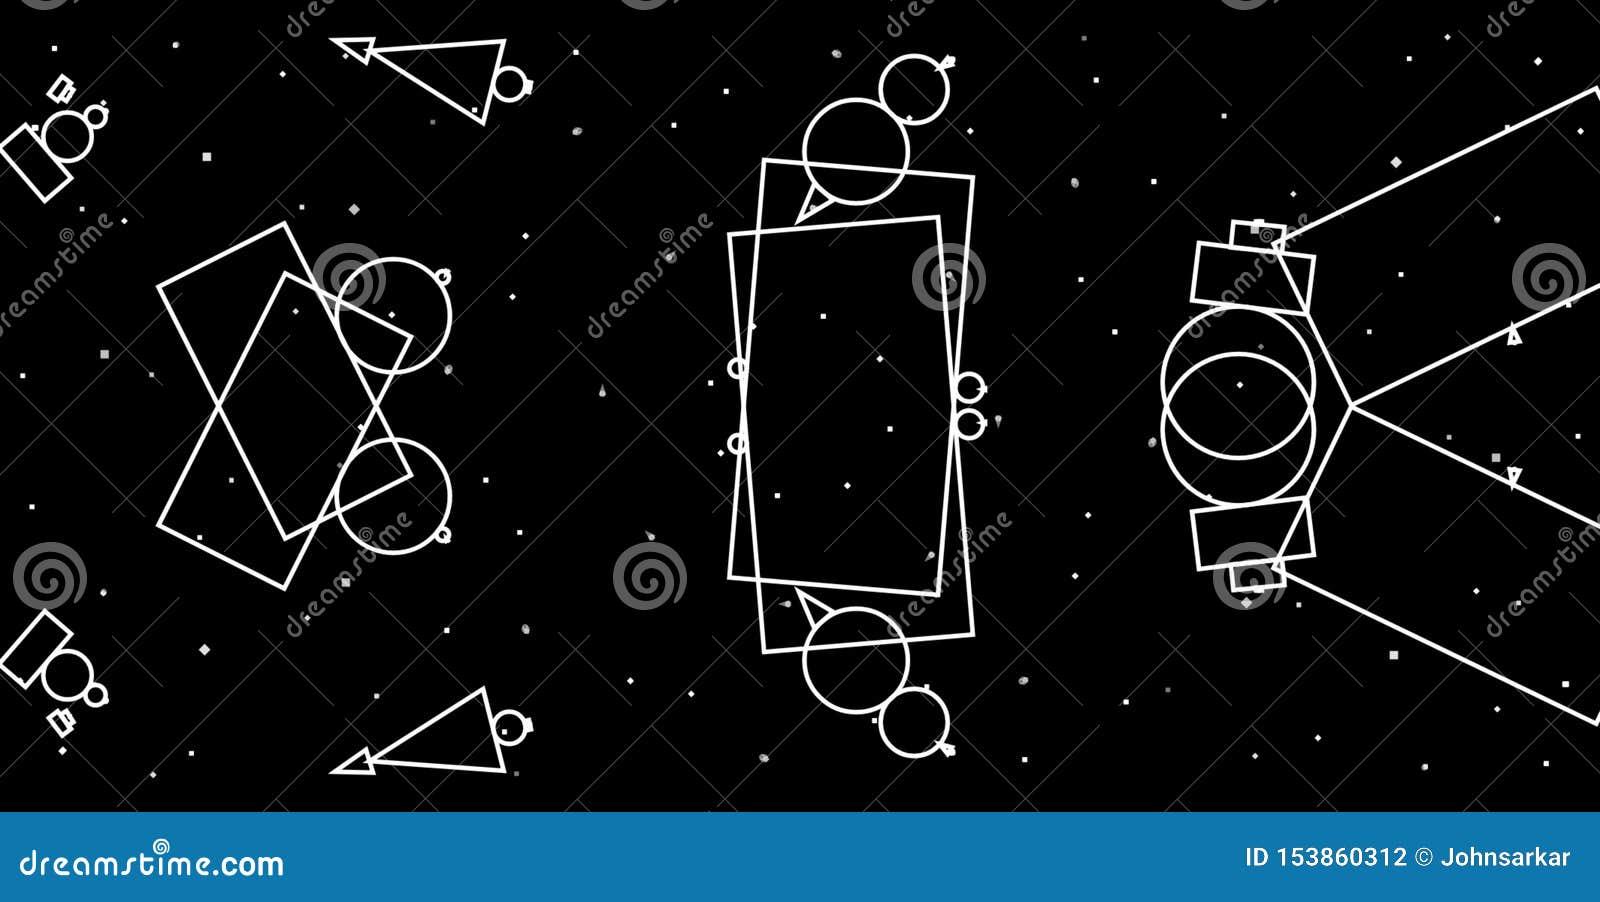 Предпосылка серой шкалы конспекта геометрическая Дизайн геометрических форм творческий с черной предпосылкой